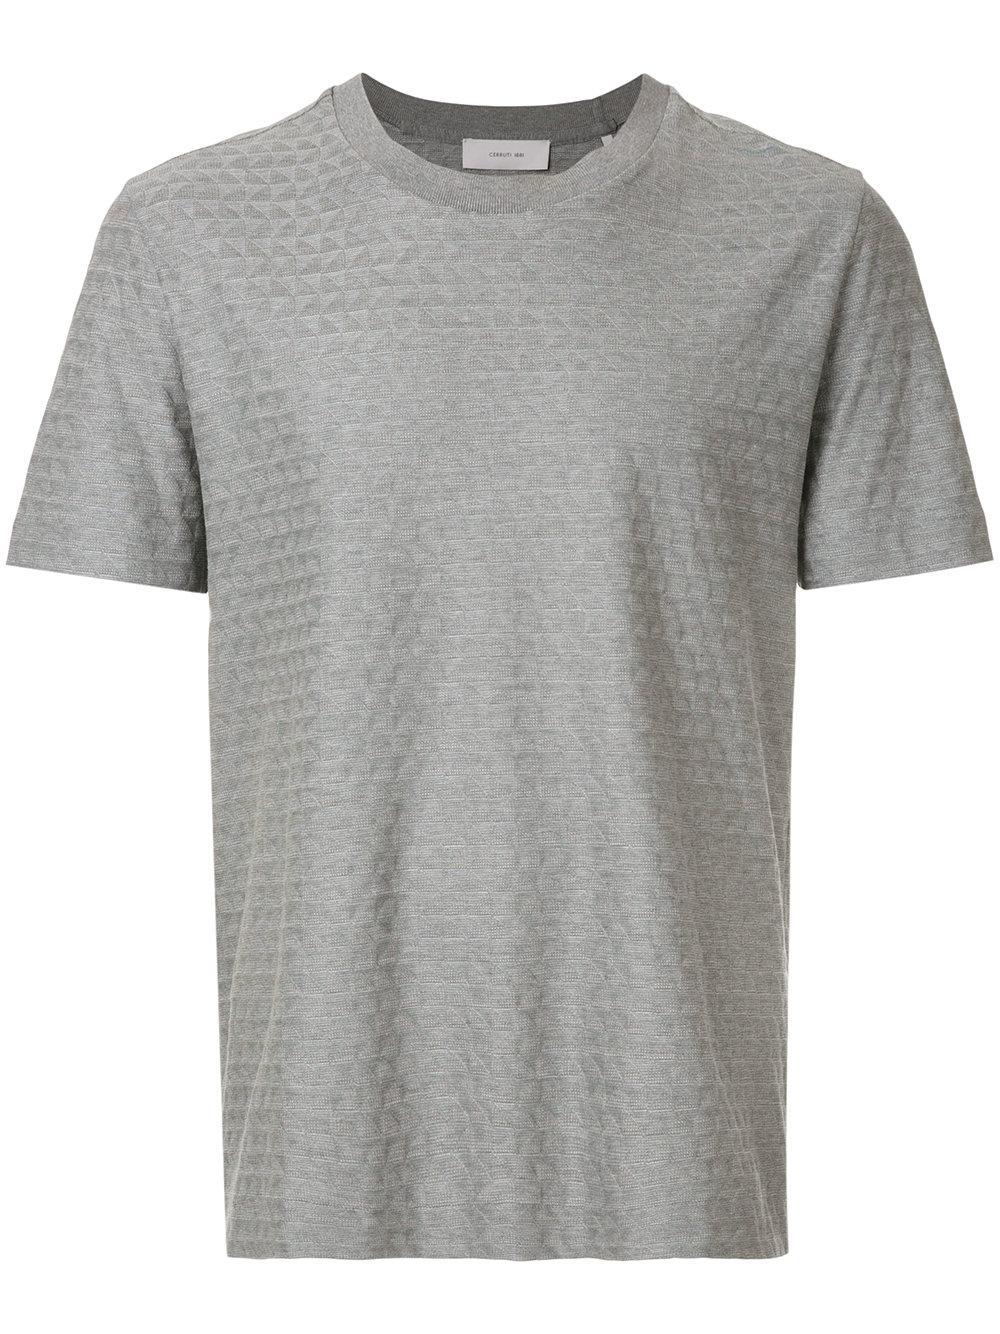 10f35b18f21a46 CERRUTI 1881. Cerruti 1881 T-Shirt Mit Geometrischem Muster ...